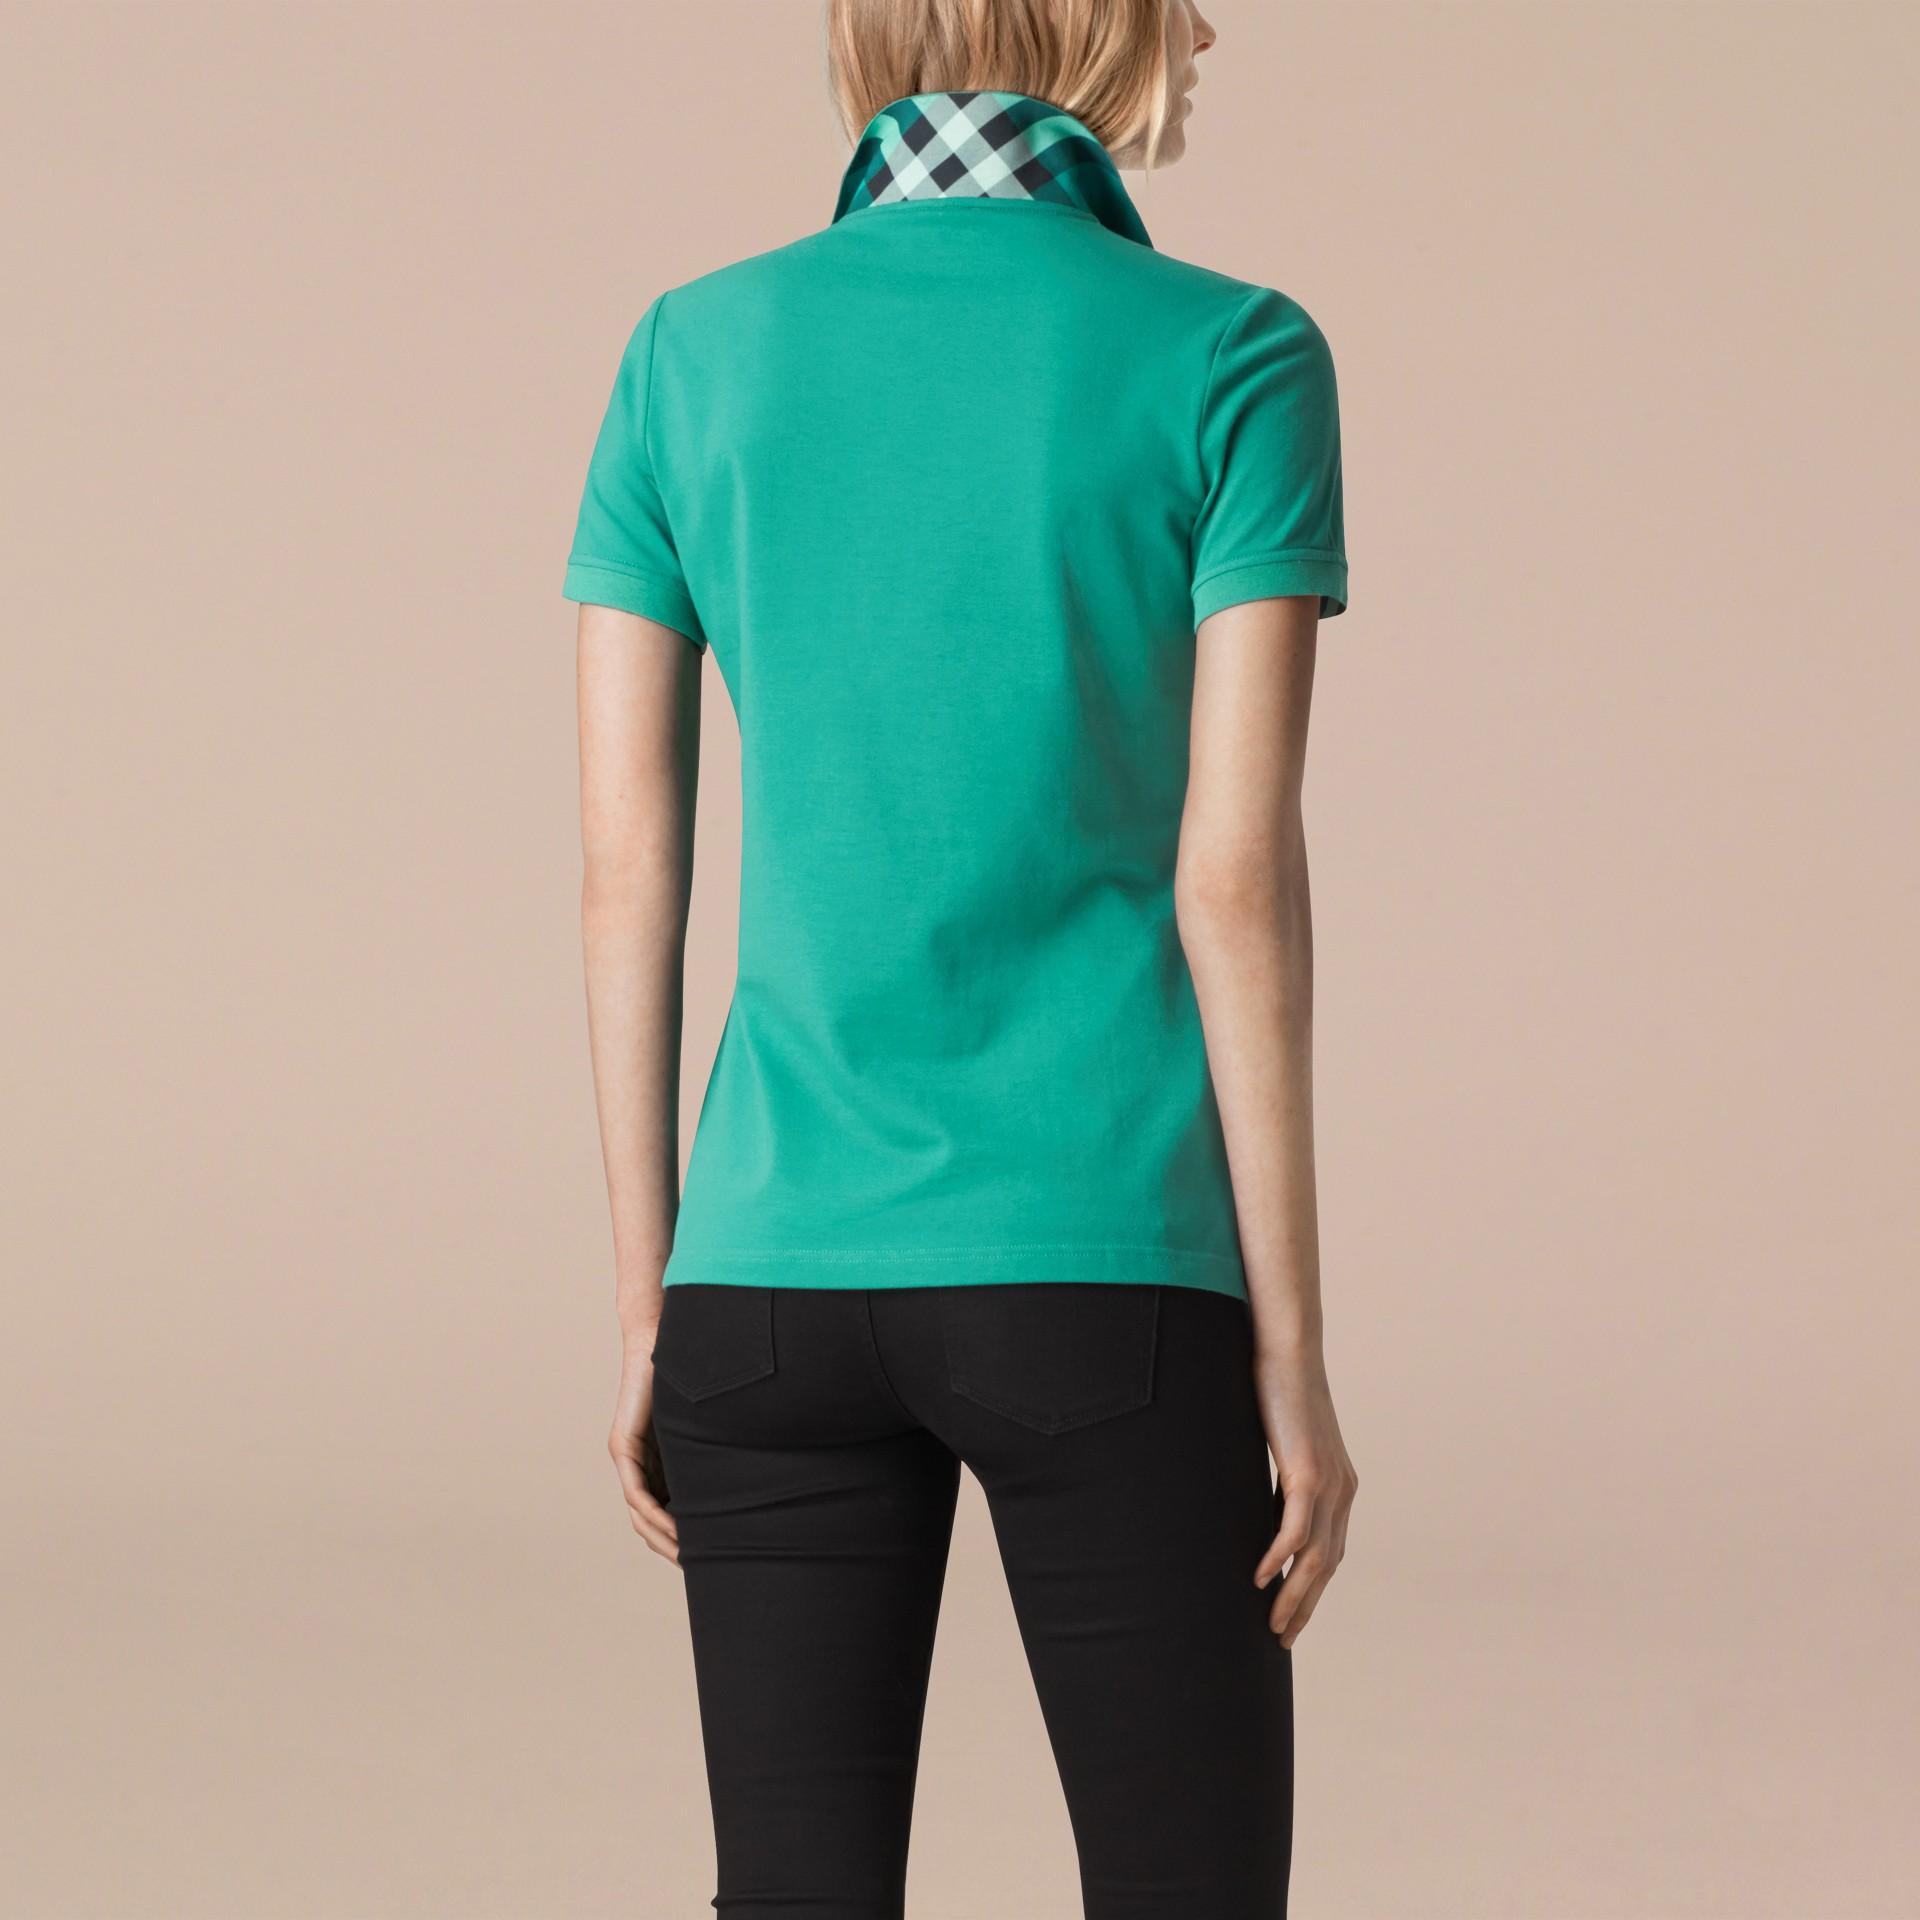 Aquamaringrün Poloshirt aus Stretchbaumwollpiqué mit Check-Besatz Aquamaringrün - Galerie-Bild 2